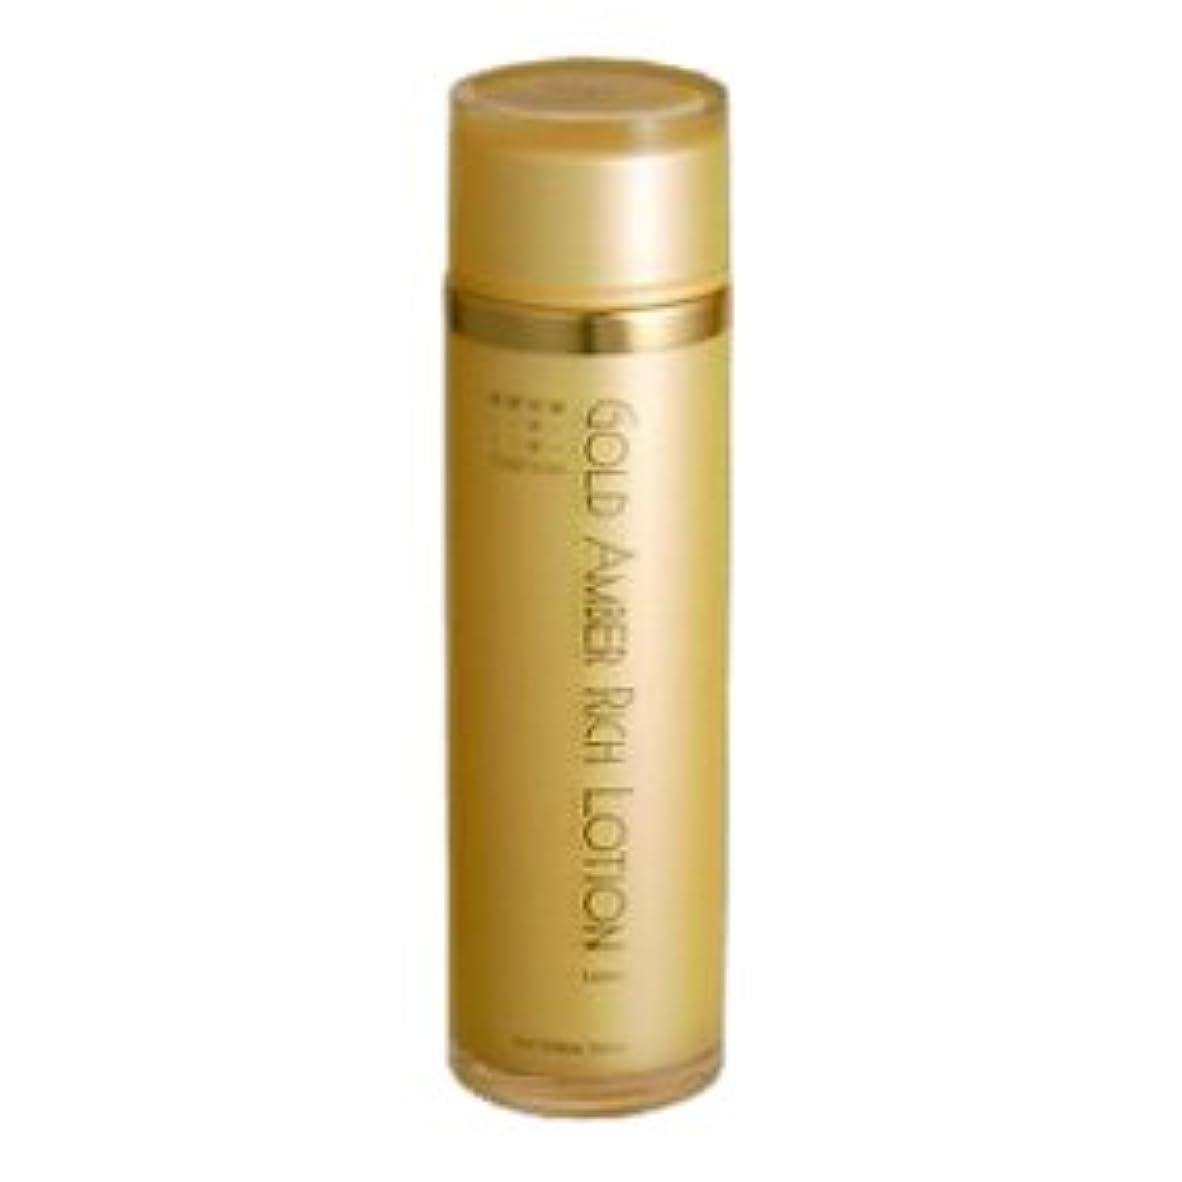 必要条件器用ガイドコスメプラウド ゴールドアンバーリッチローション120ml(化粧水)